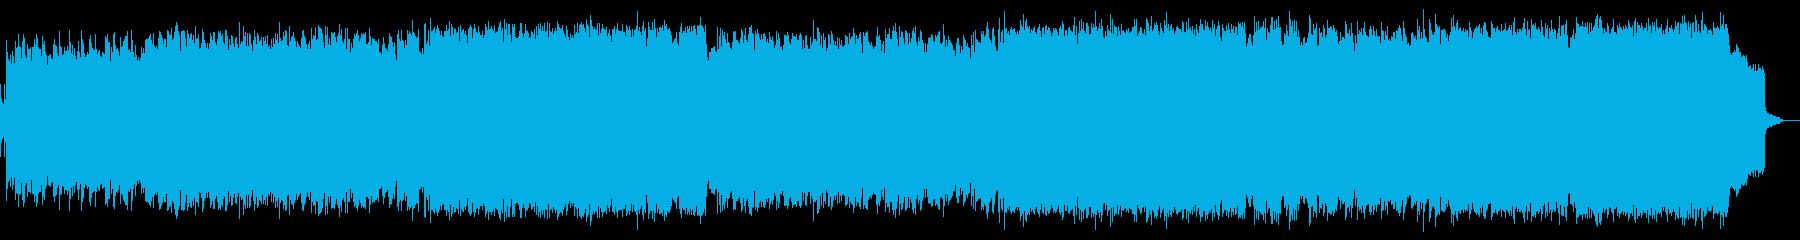 ピアノと管楽器によるほっこりジャズワルツの再生済みの波形